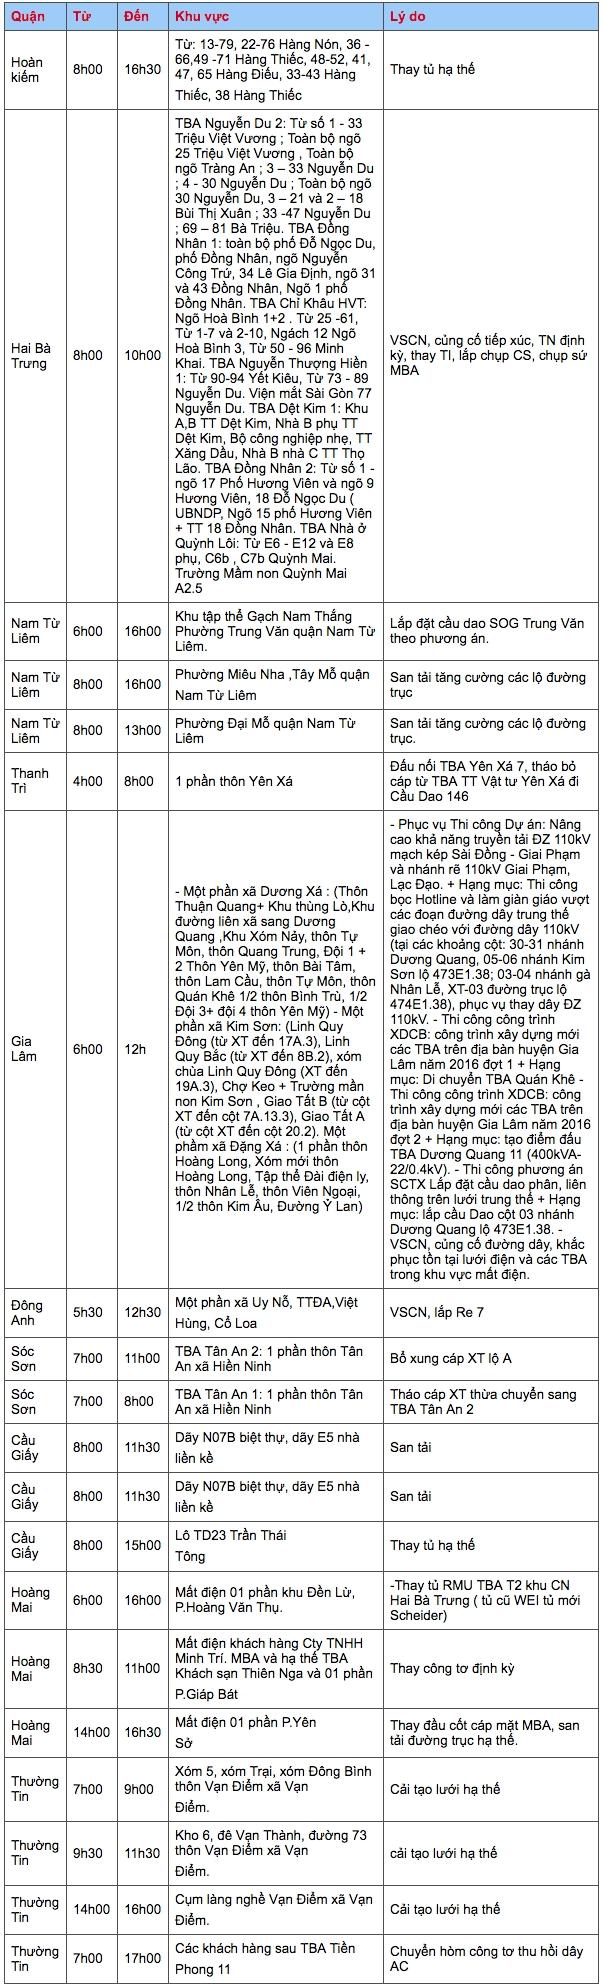 Nhiệt độ cao nhất ở Hà Nội vẫn trên 40 độ C và đây là lịch cắt điện hôm nay (ngày 3/6) - Ảnh 1.